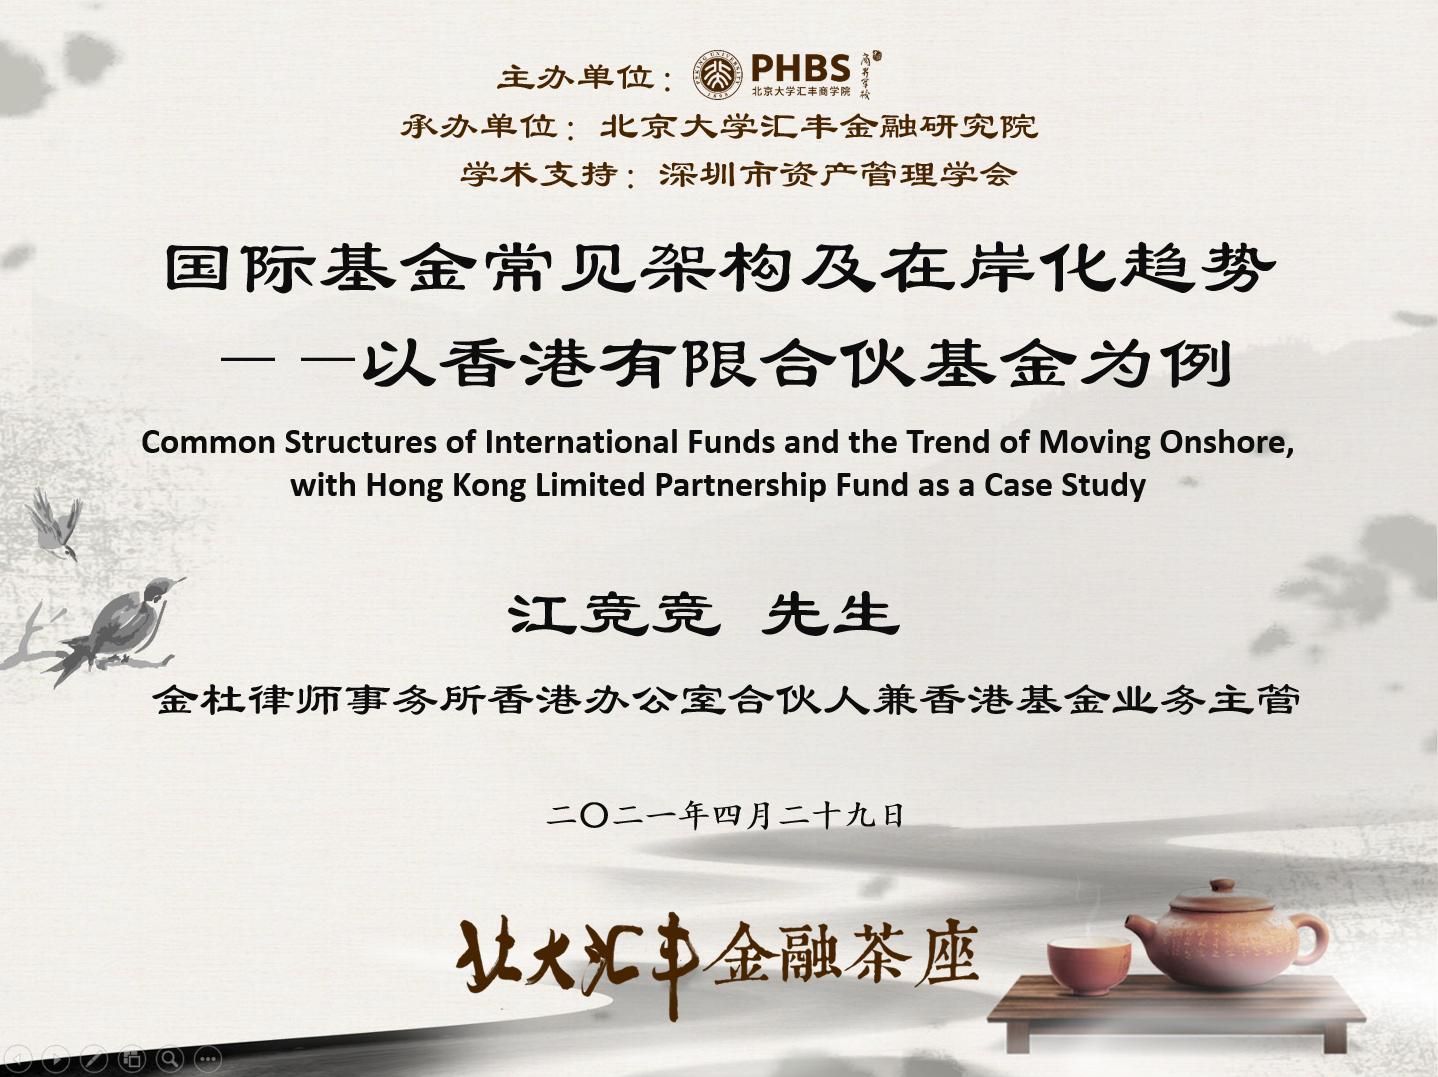 江竞竞:国际基金常见架构及在岸化趋势——以香港有限合伙基金为例